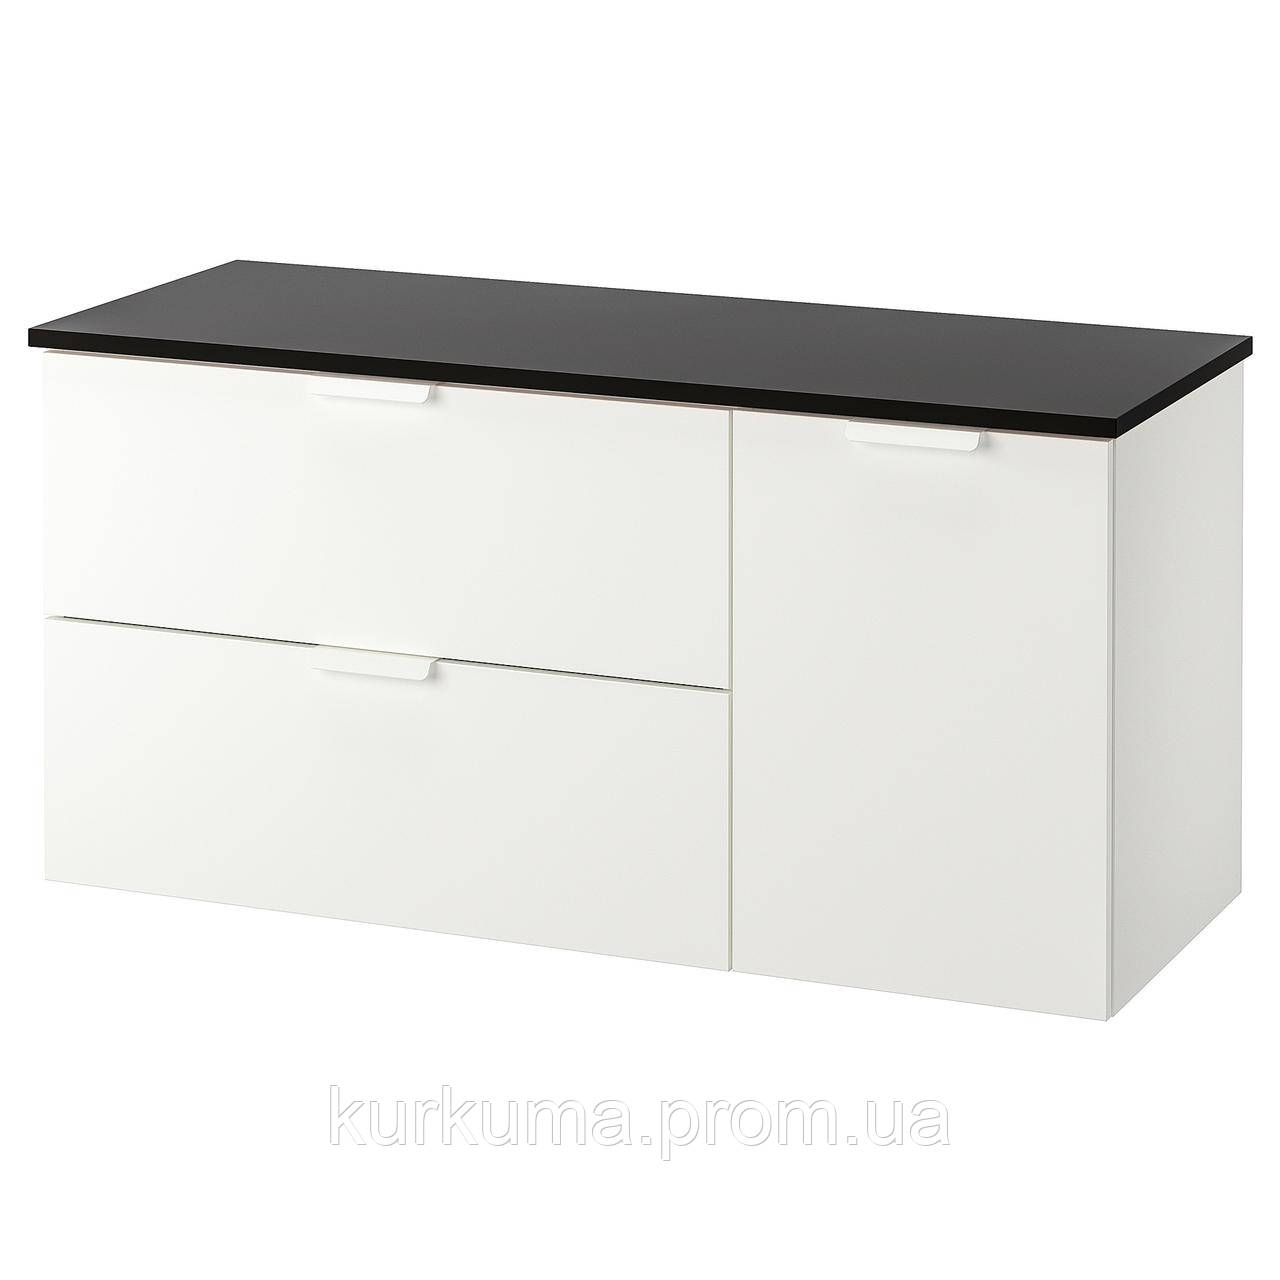 IKEA GODMORGON/TOLKEN Шафа під умивальник зі стільницею із 3 ящиками, білий, антрацит (792.952.83)